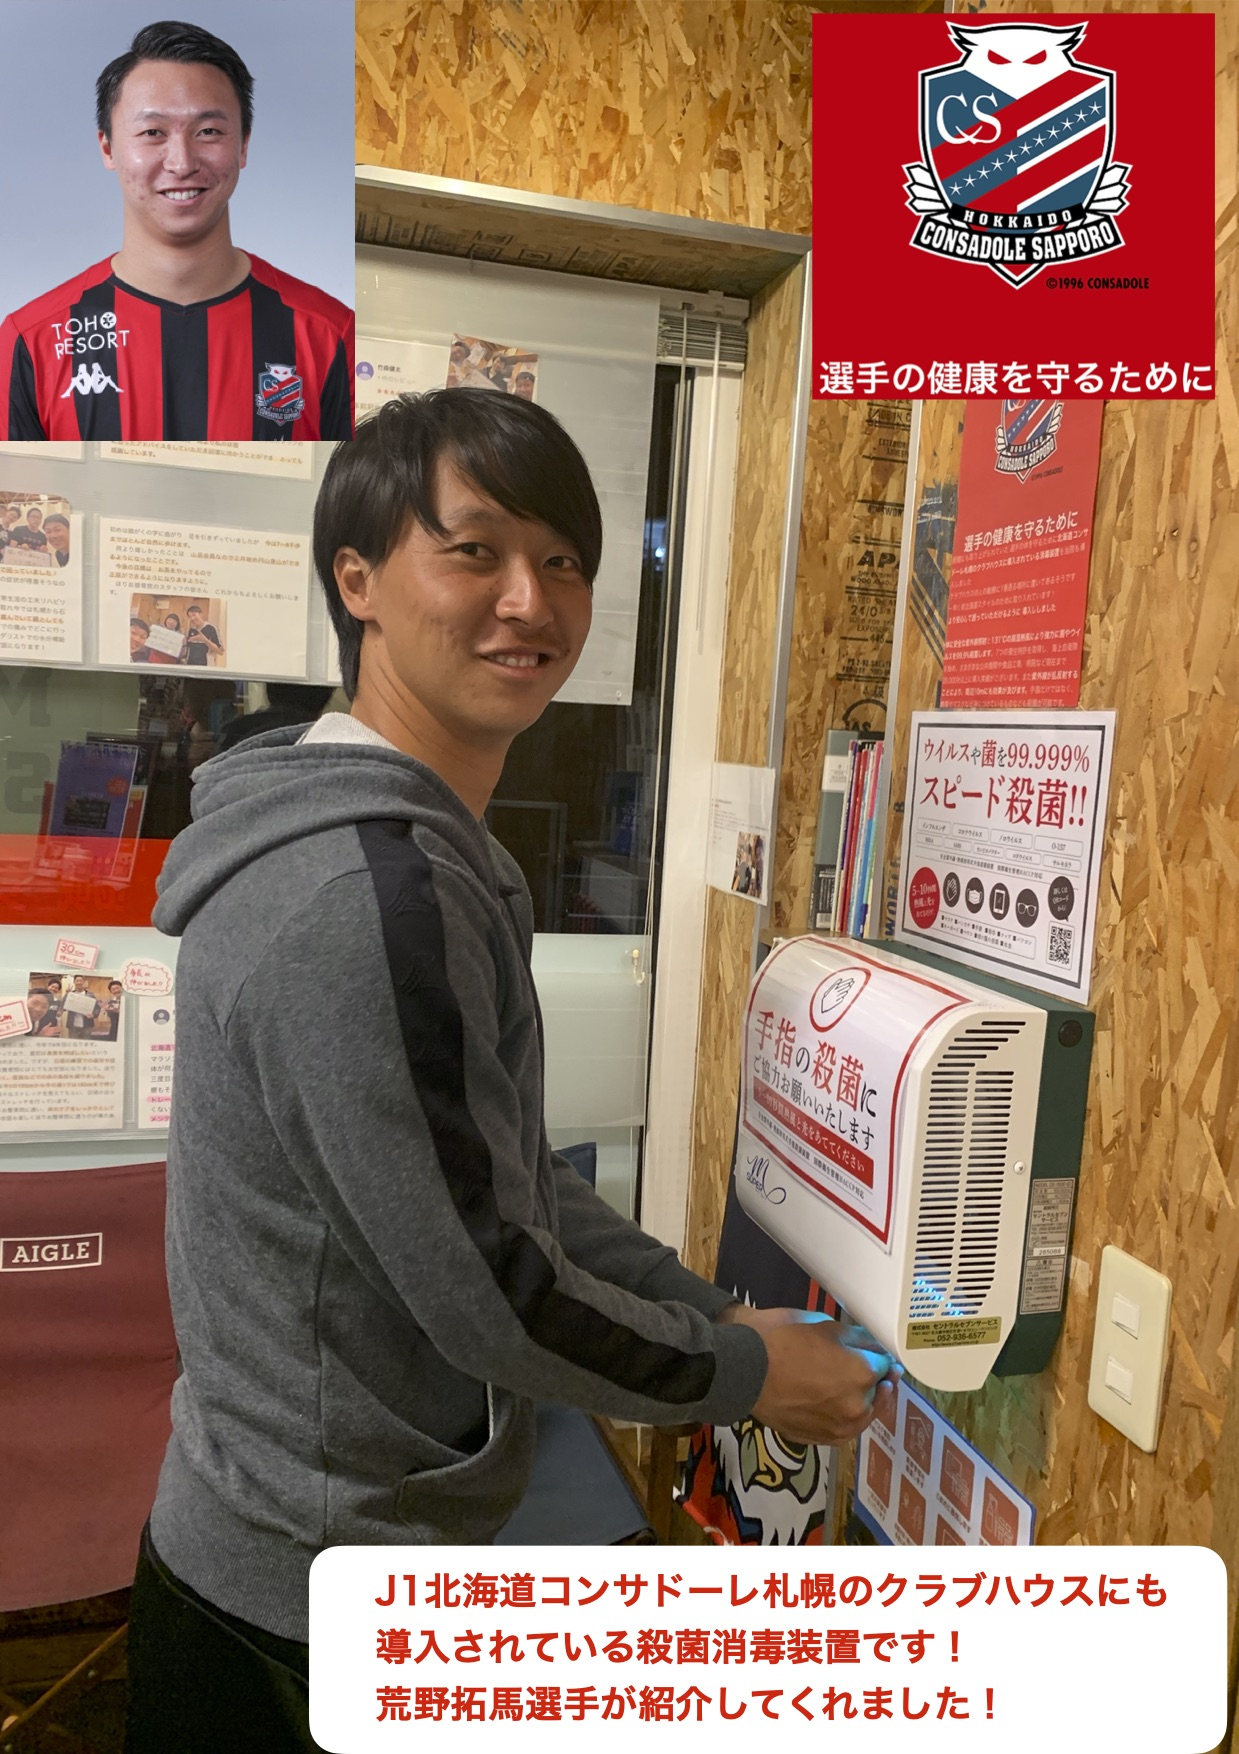 J1北海道コンサドーレ札幌のクラブハウスにも 導入されている殺菌消毒装置です! 荒野拓馬選手が紹介してくれました!